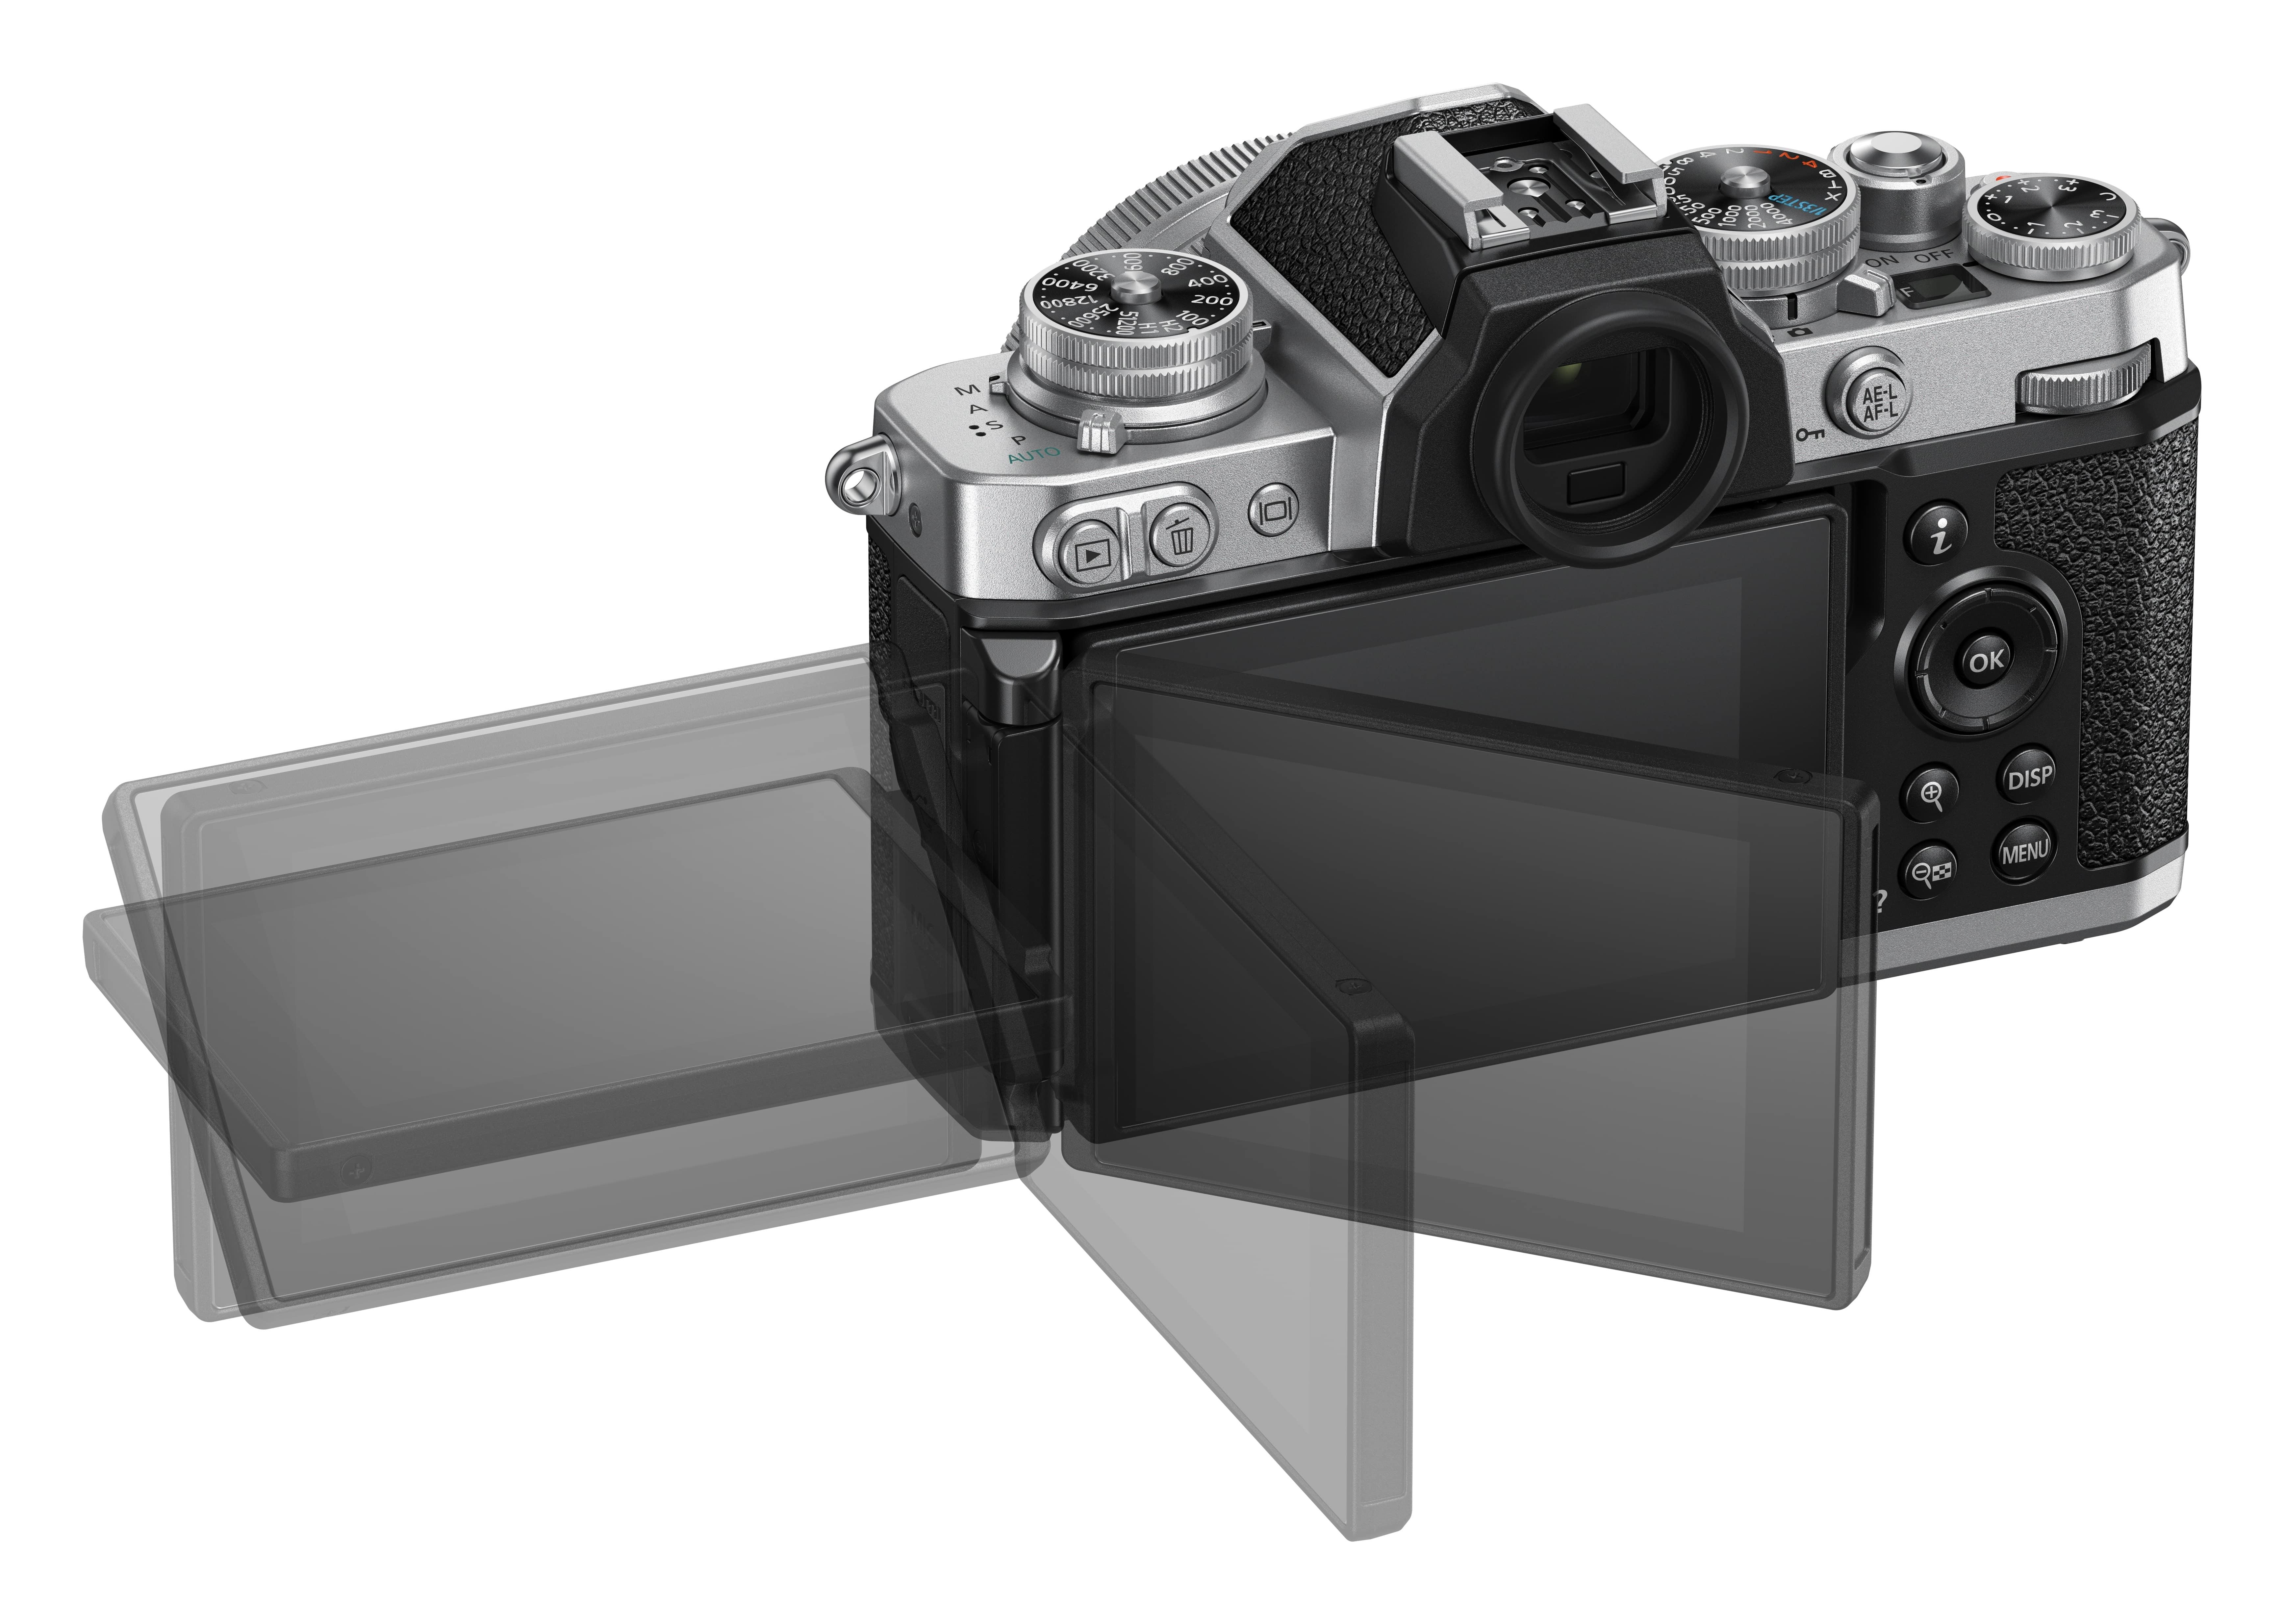 Nikon Z fc Gehäuse / Einführungsangebot -100,--€ bis zum 30.09.2021 bereits abgezogen.